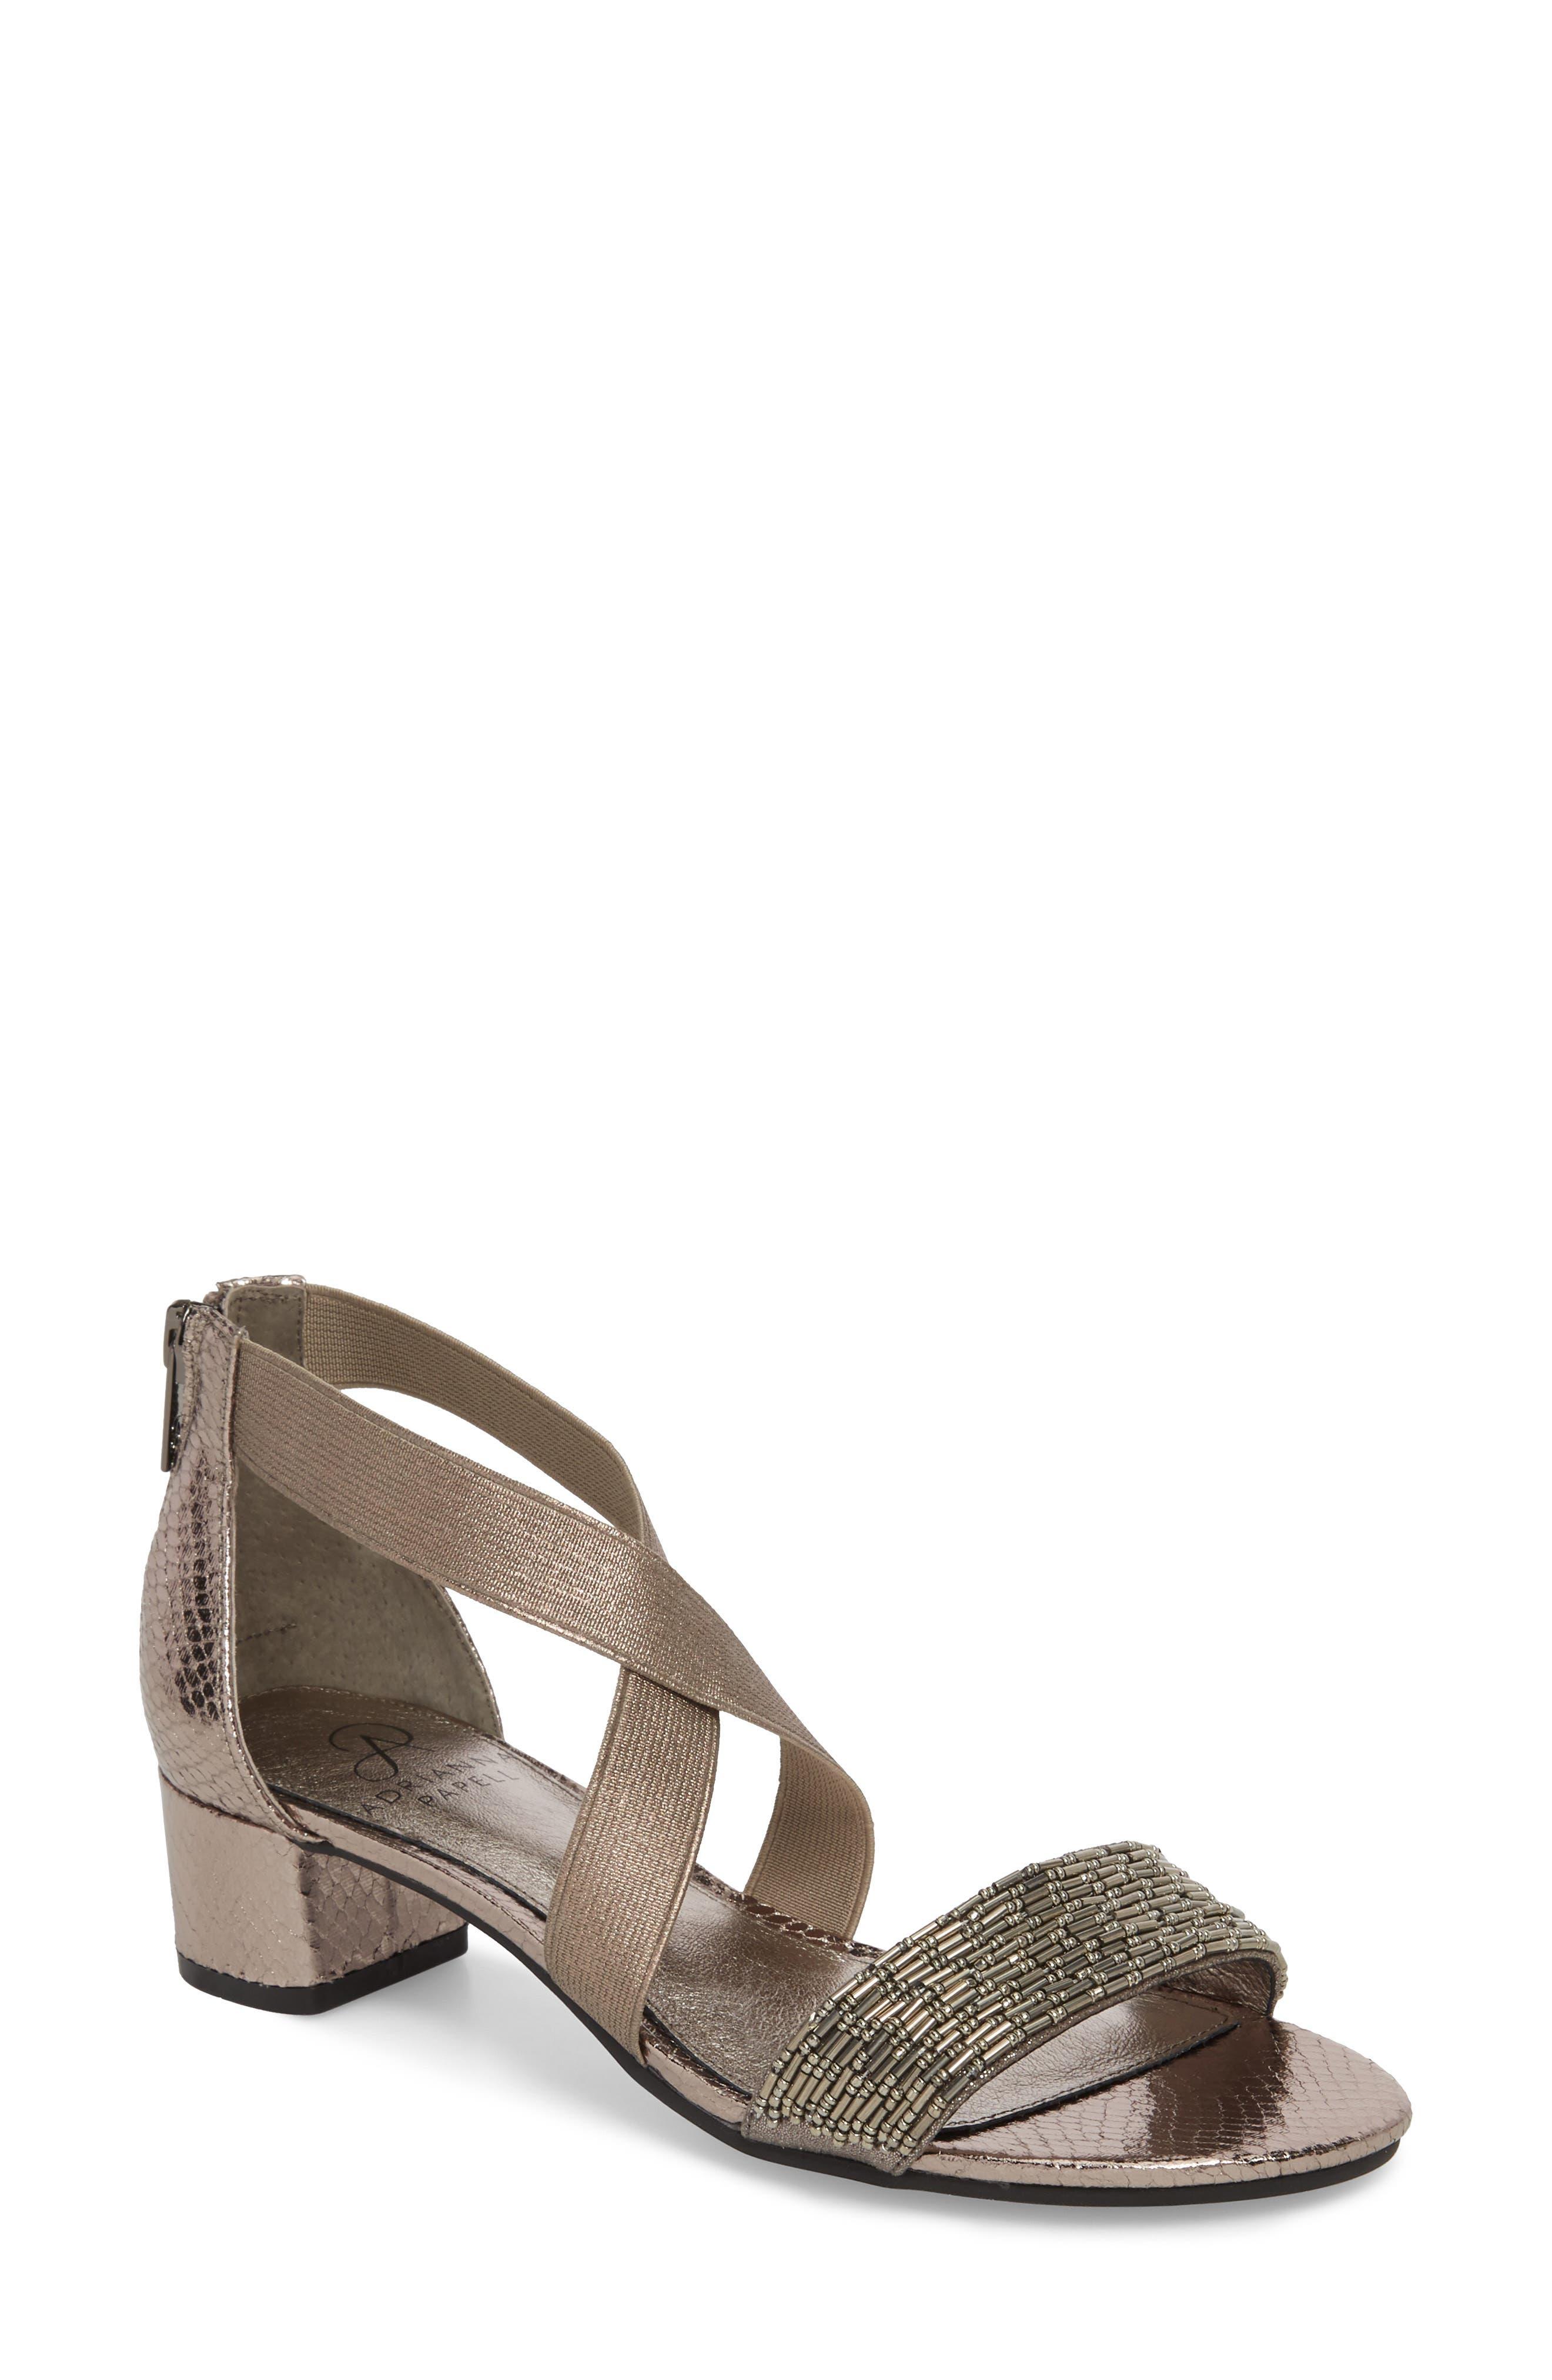 Adrianna Papell Teagen Block Heel Sandal, Metallic